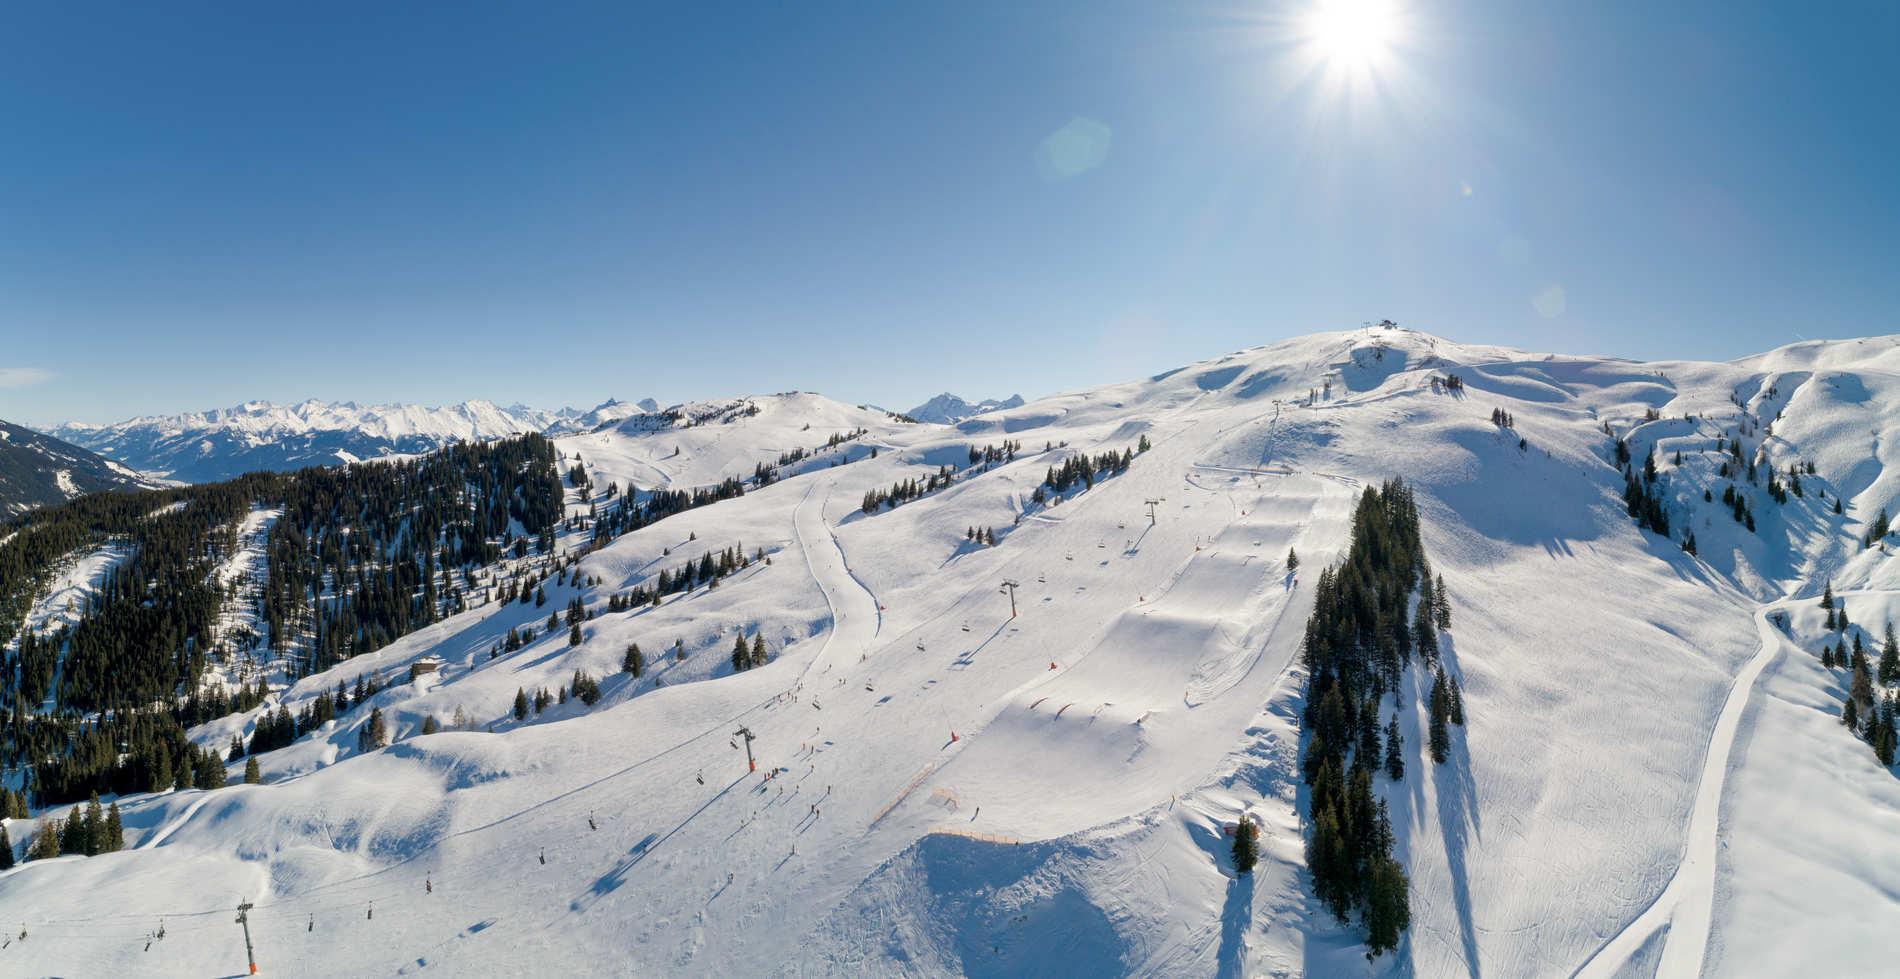 aerials snowpark kitzbuehel michi rudolf 10